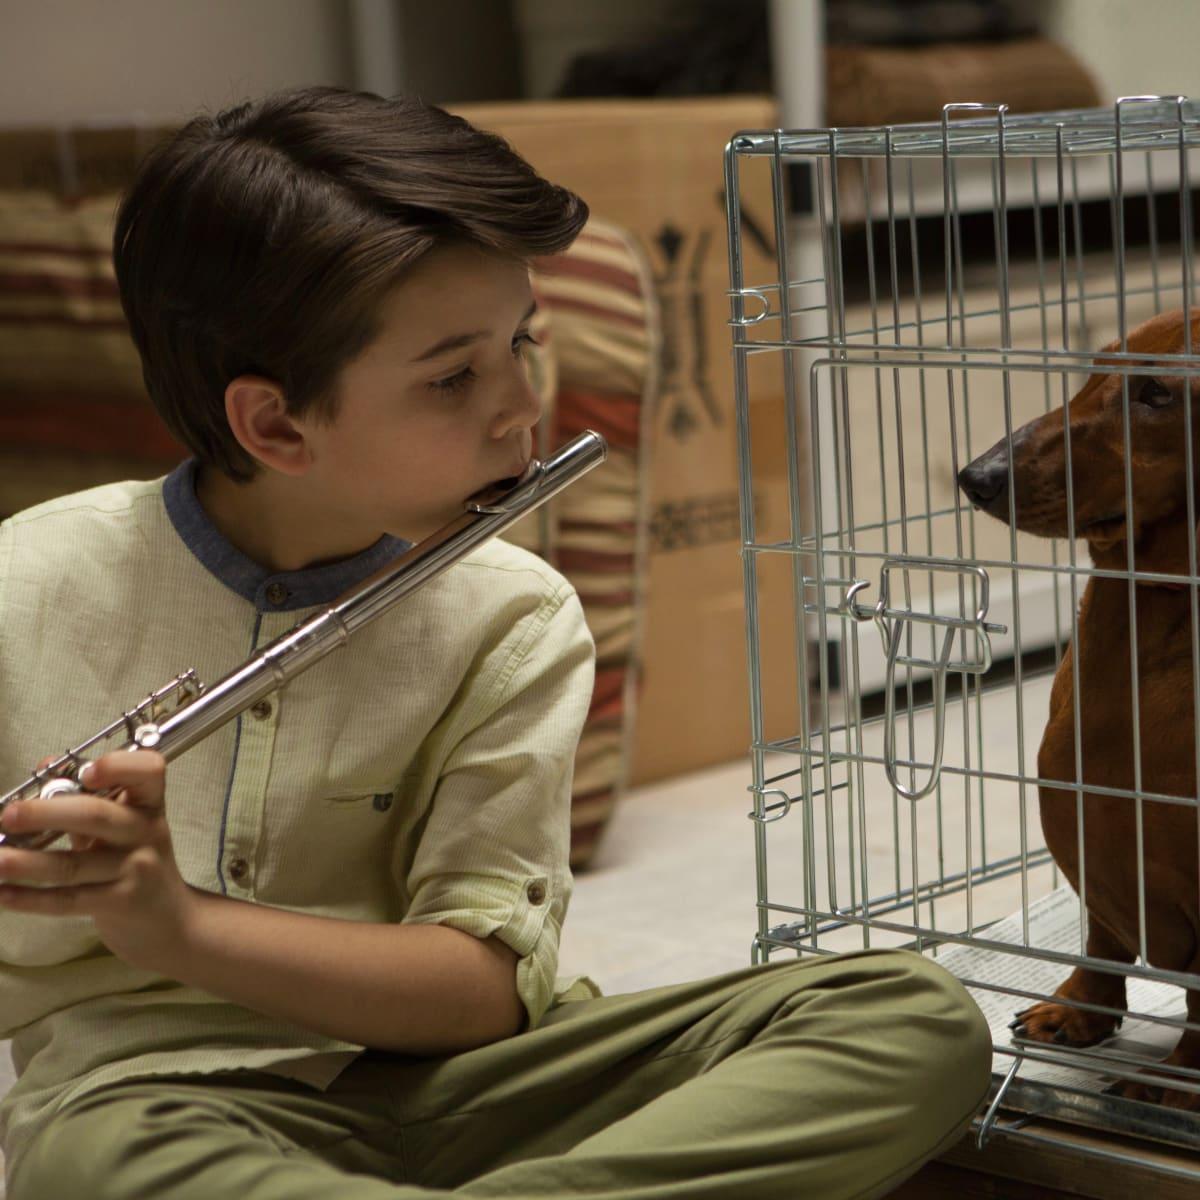 Weiner-Dog